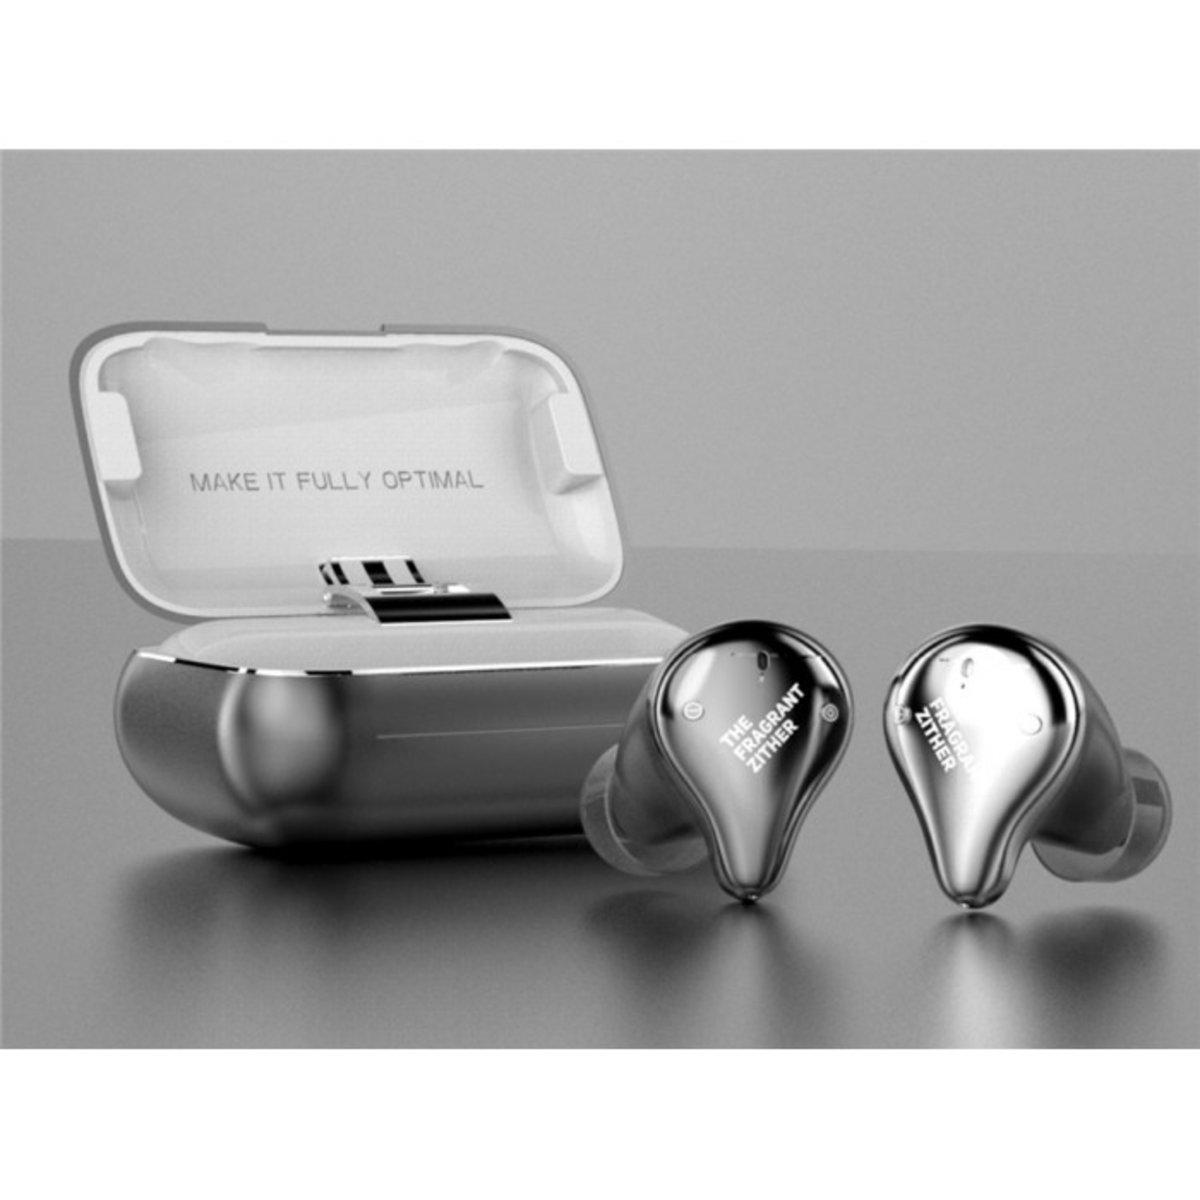 X1E Dynamic Driver HIFI True Wireless Earphons[Silver]